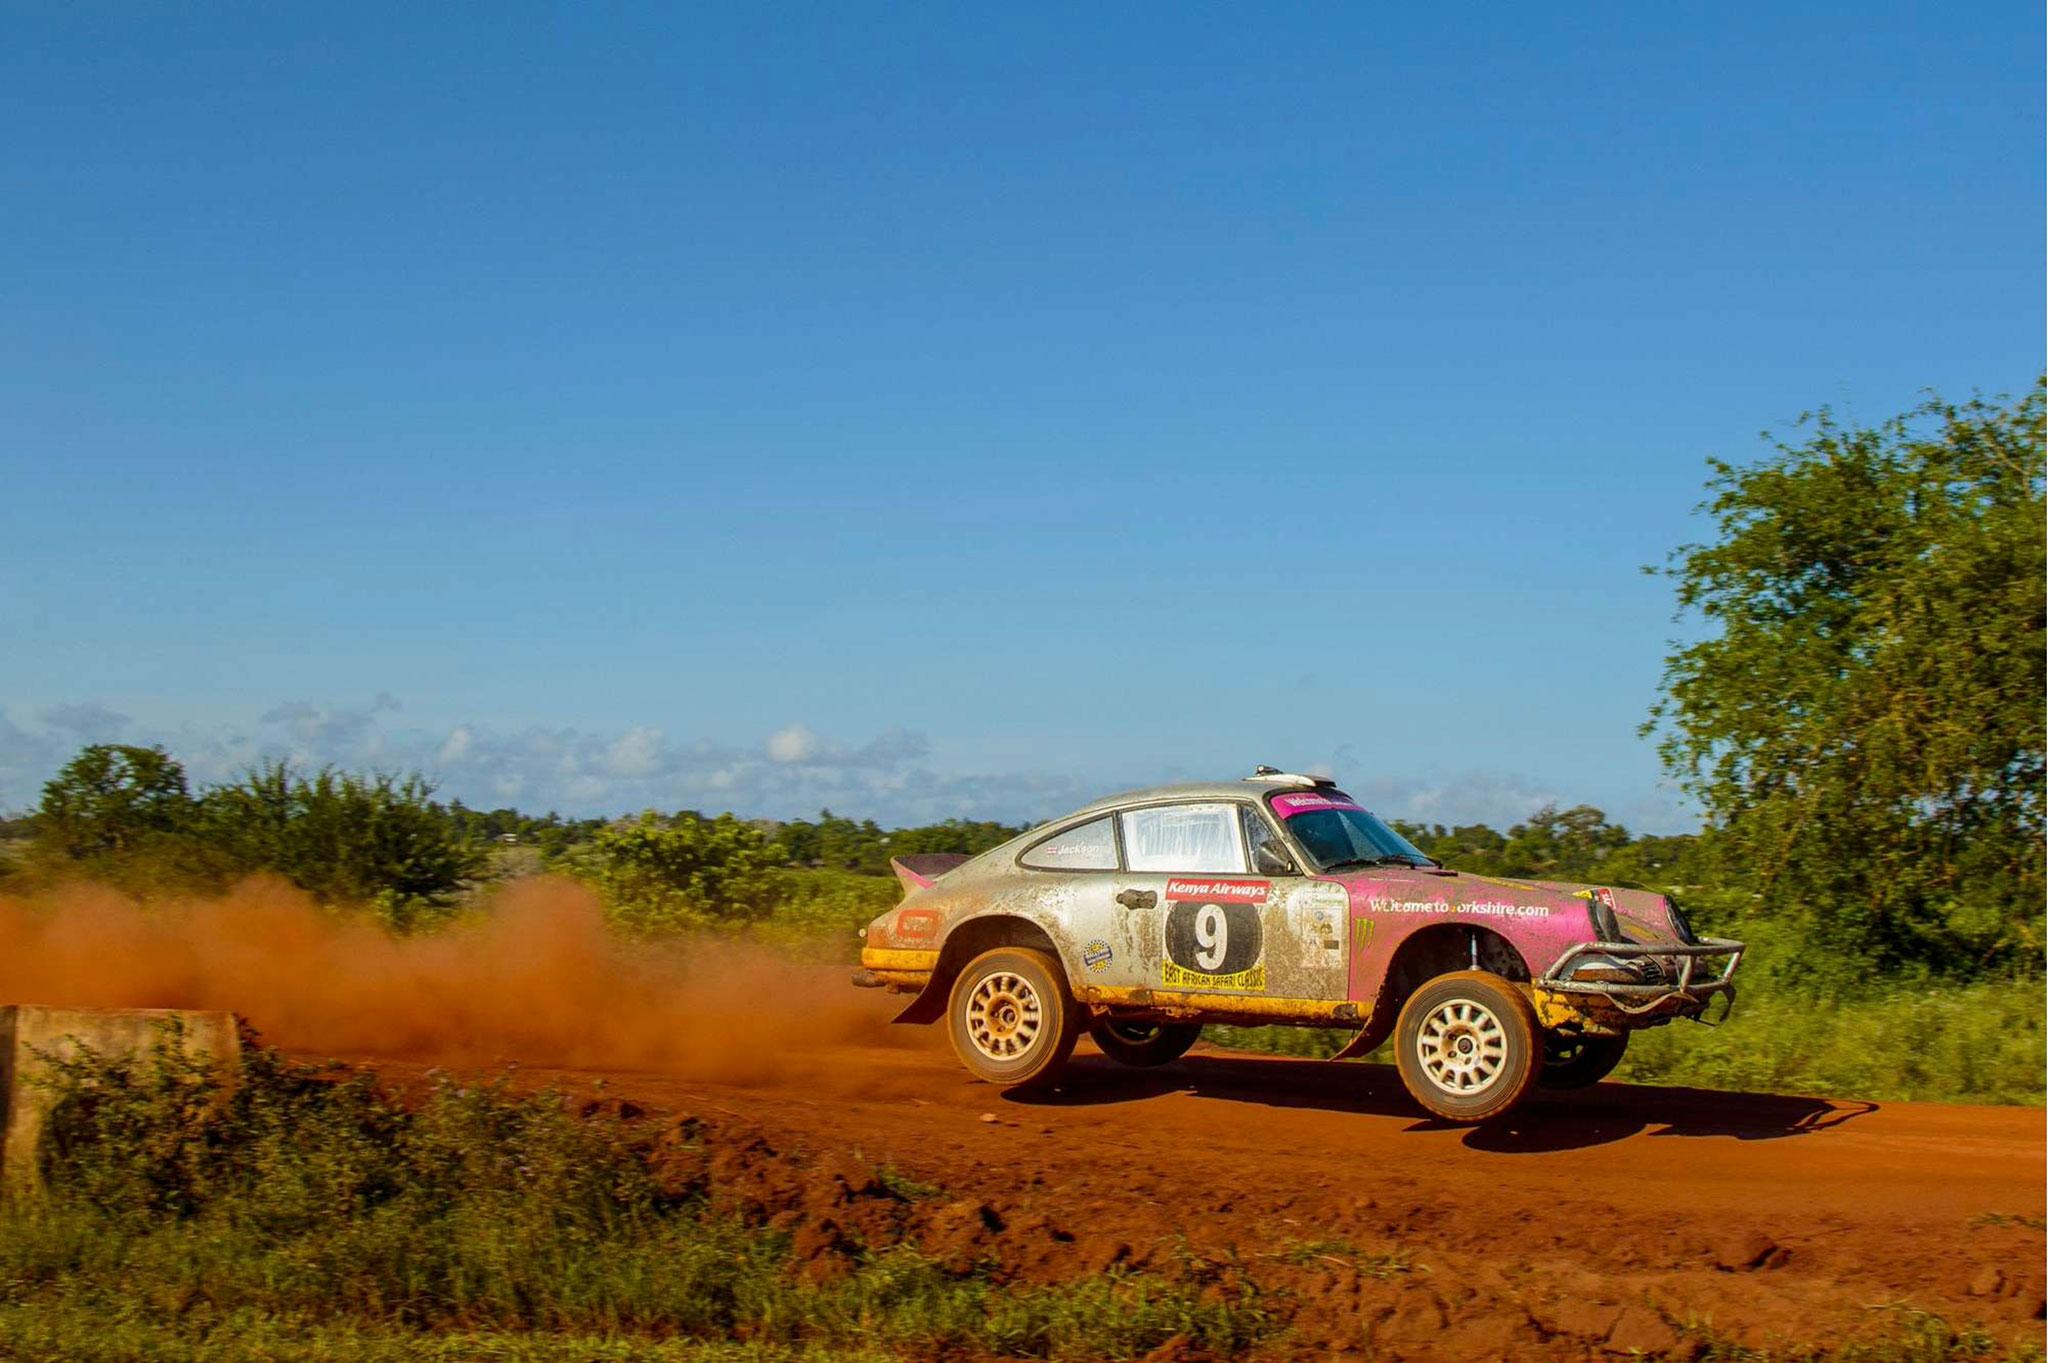 1975 Porsche 911 Carrera MFI Safari Rally Car vue lors du East African Safari vue latérale côté droit en plein saut - Silverstone Auctions Mars 2021.